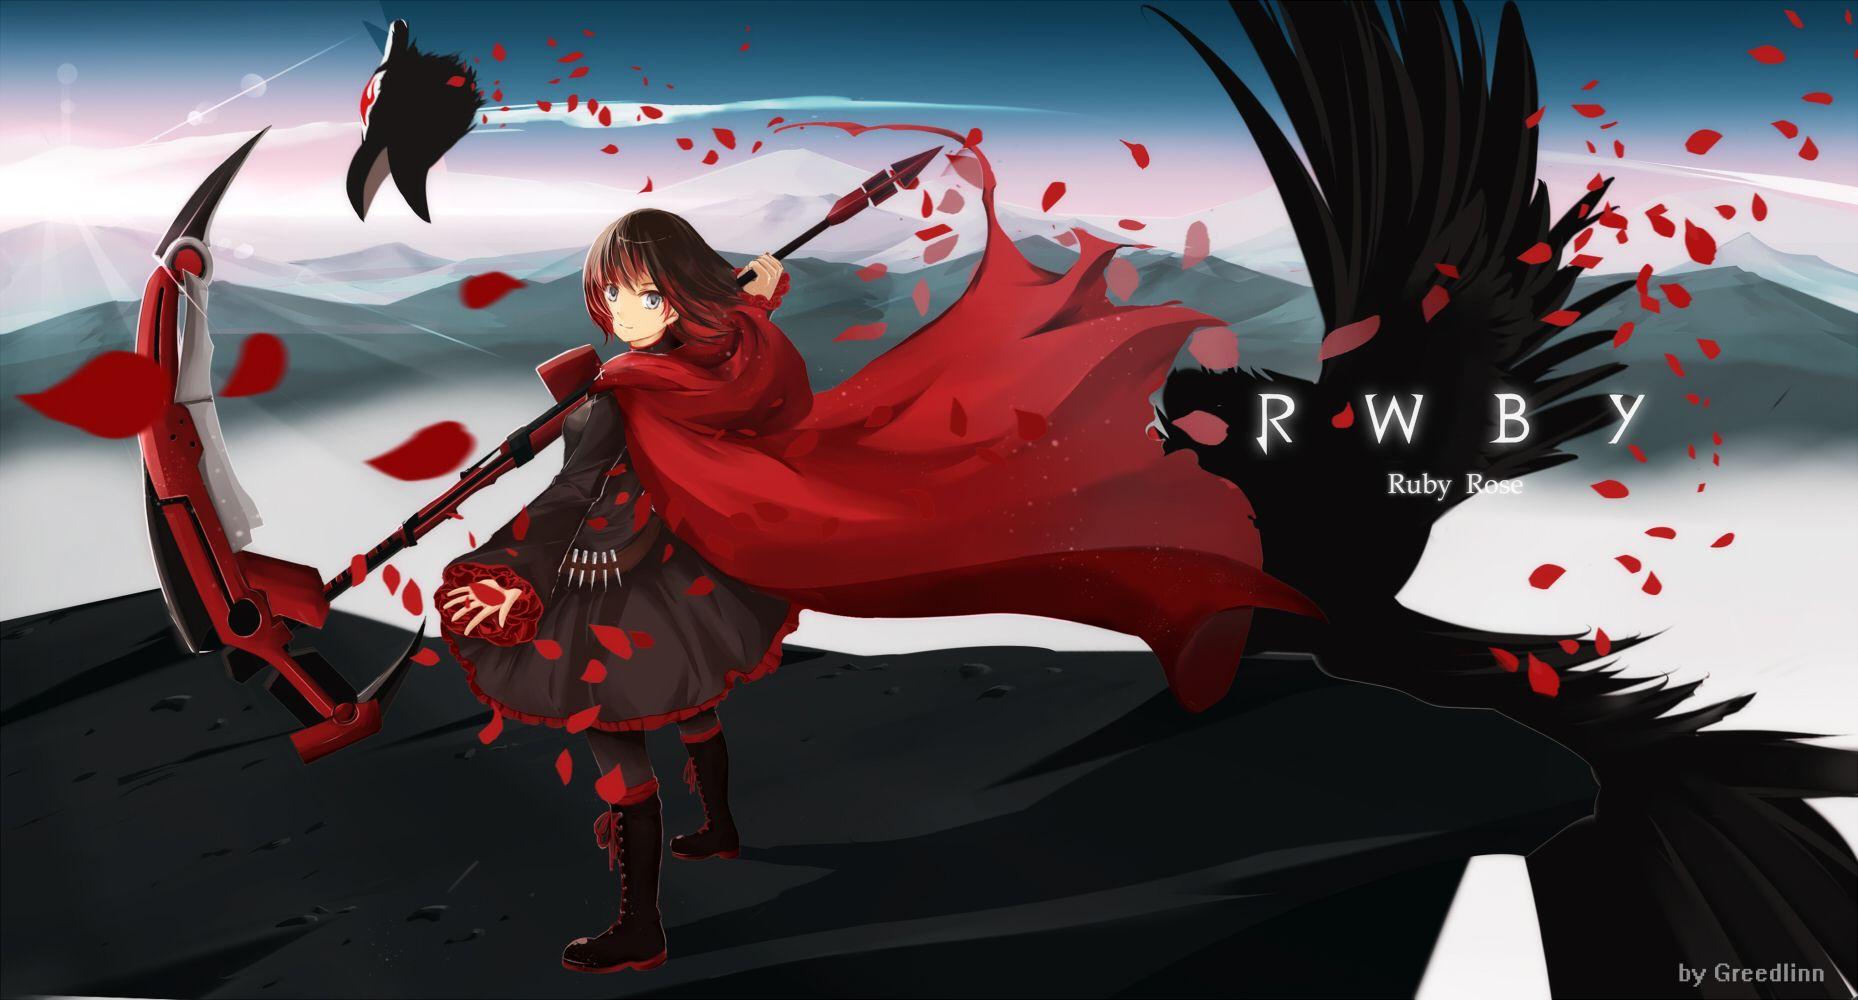 Pin By Summer On Rwby Rwby Rwby Anime Rwby Wallpaper